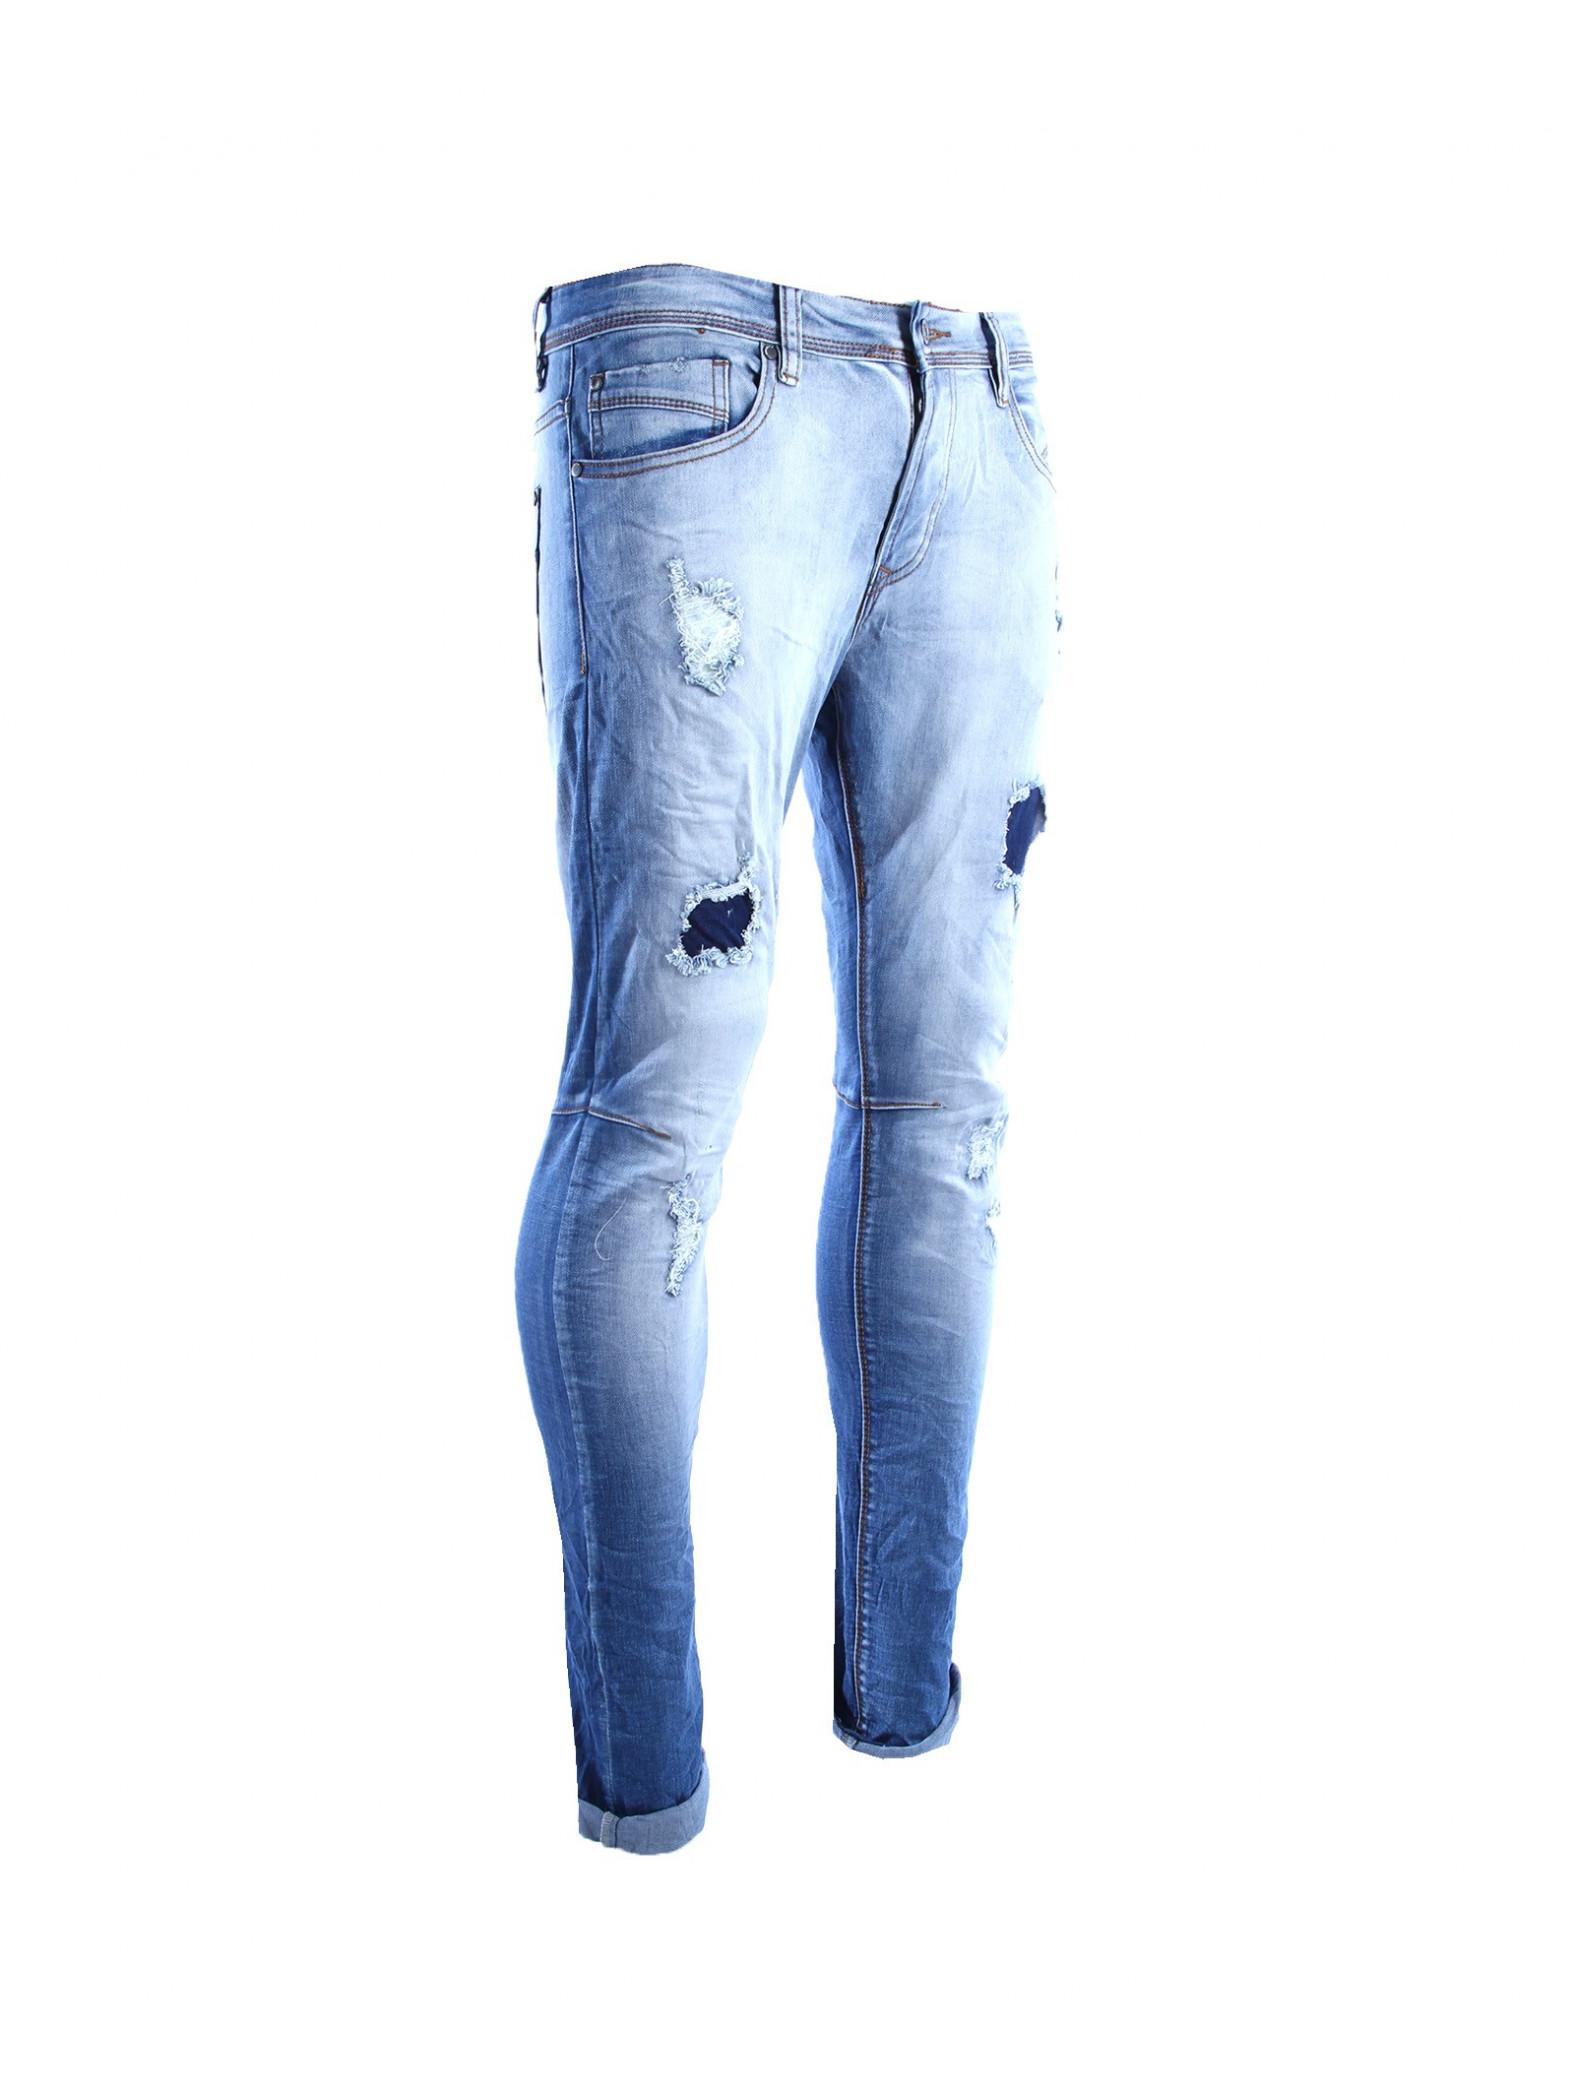 slim fit jeans project x paris 88169903. Black Bedroom Furniture Sets. Home Design Ideas